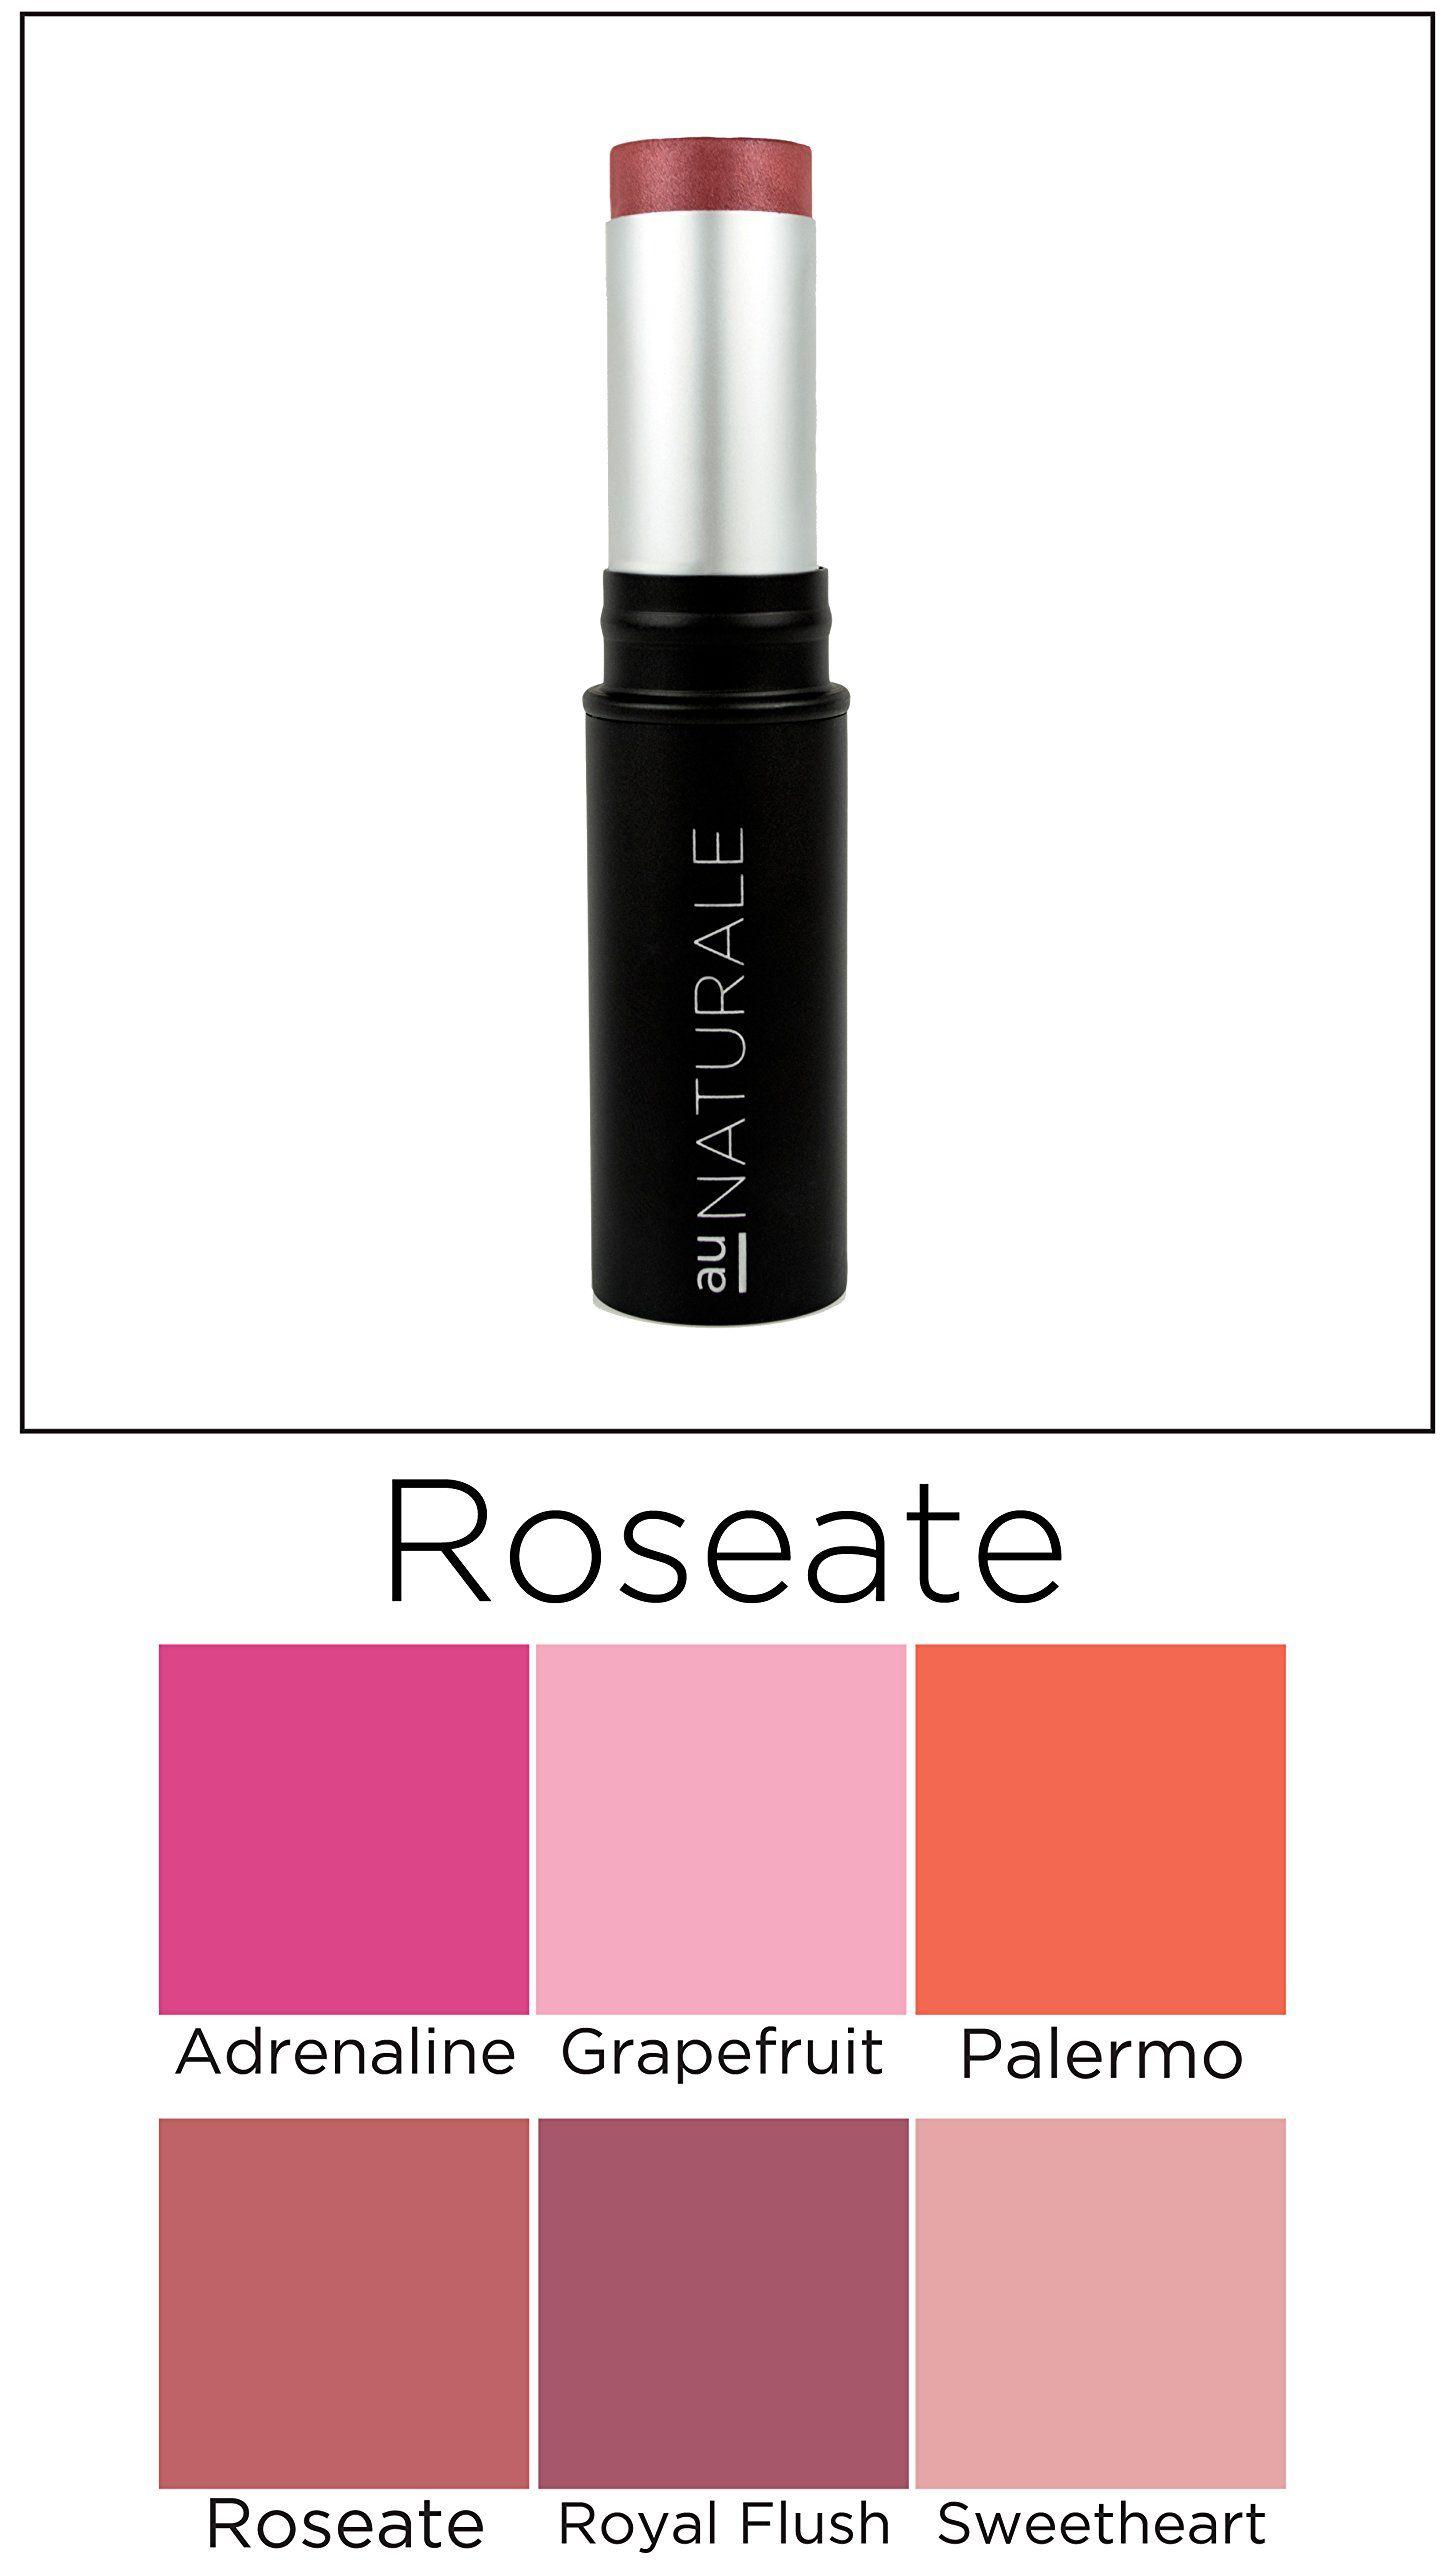 Au Naturale Anywhere Creme Blush Stick in Roseate Vegan